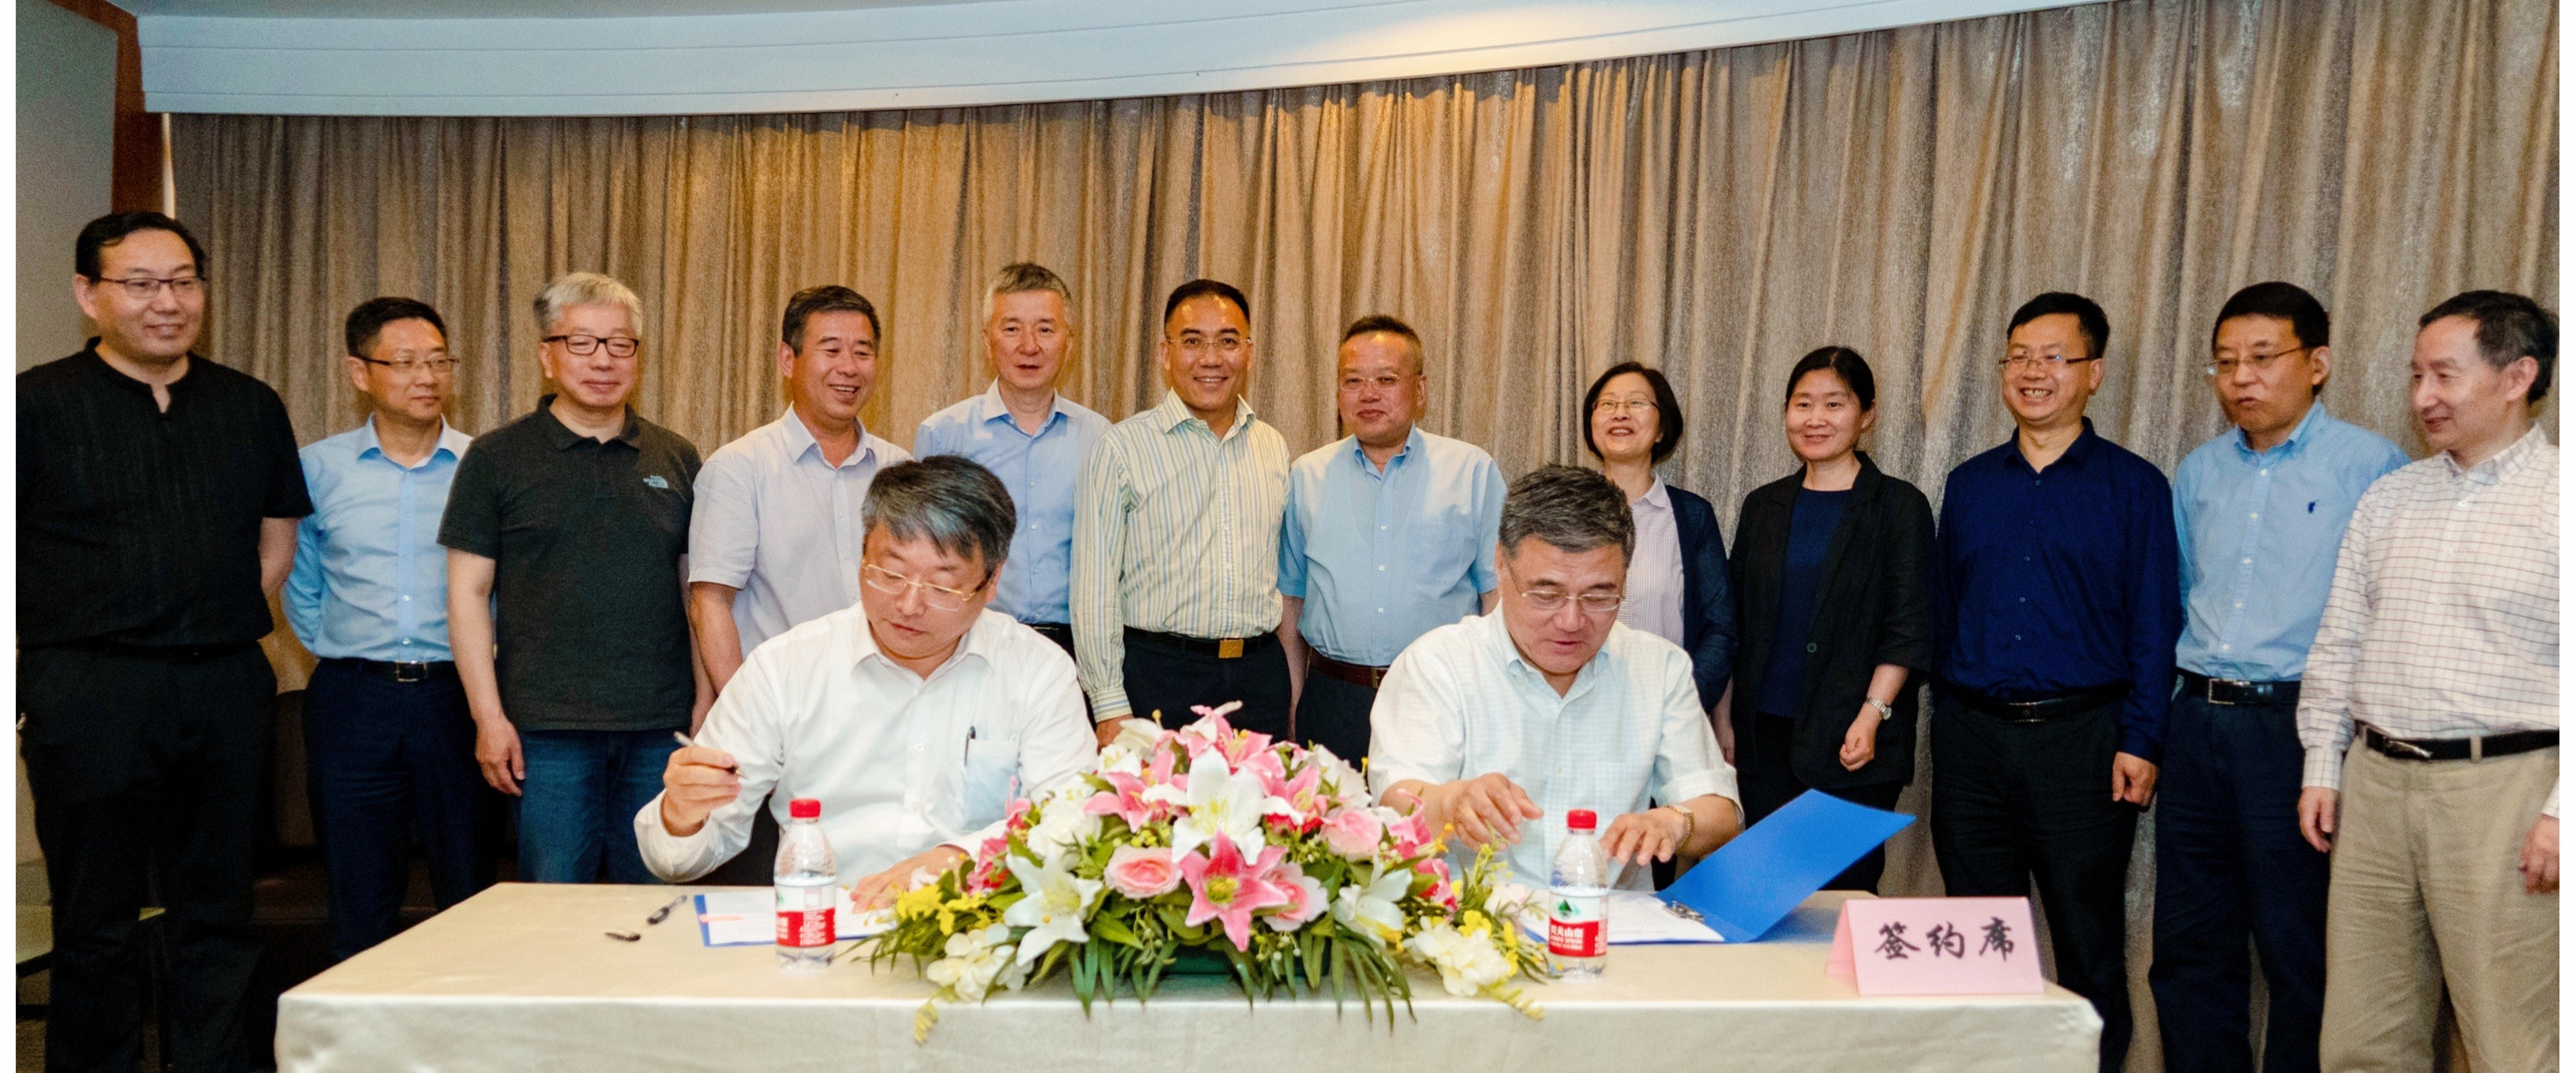 上海市土木工程学会与上海市公路学会签署战略合作协议